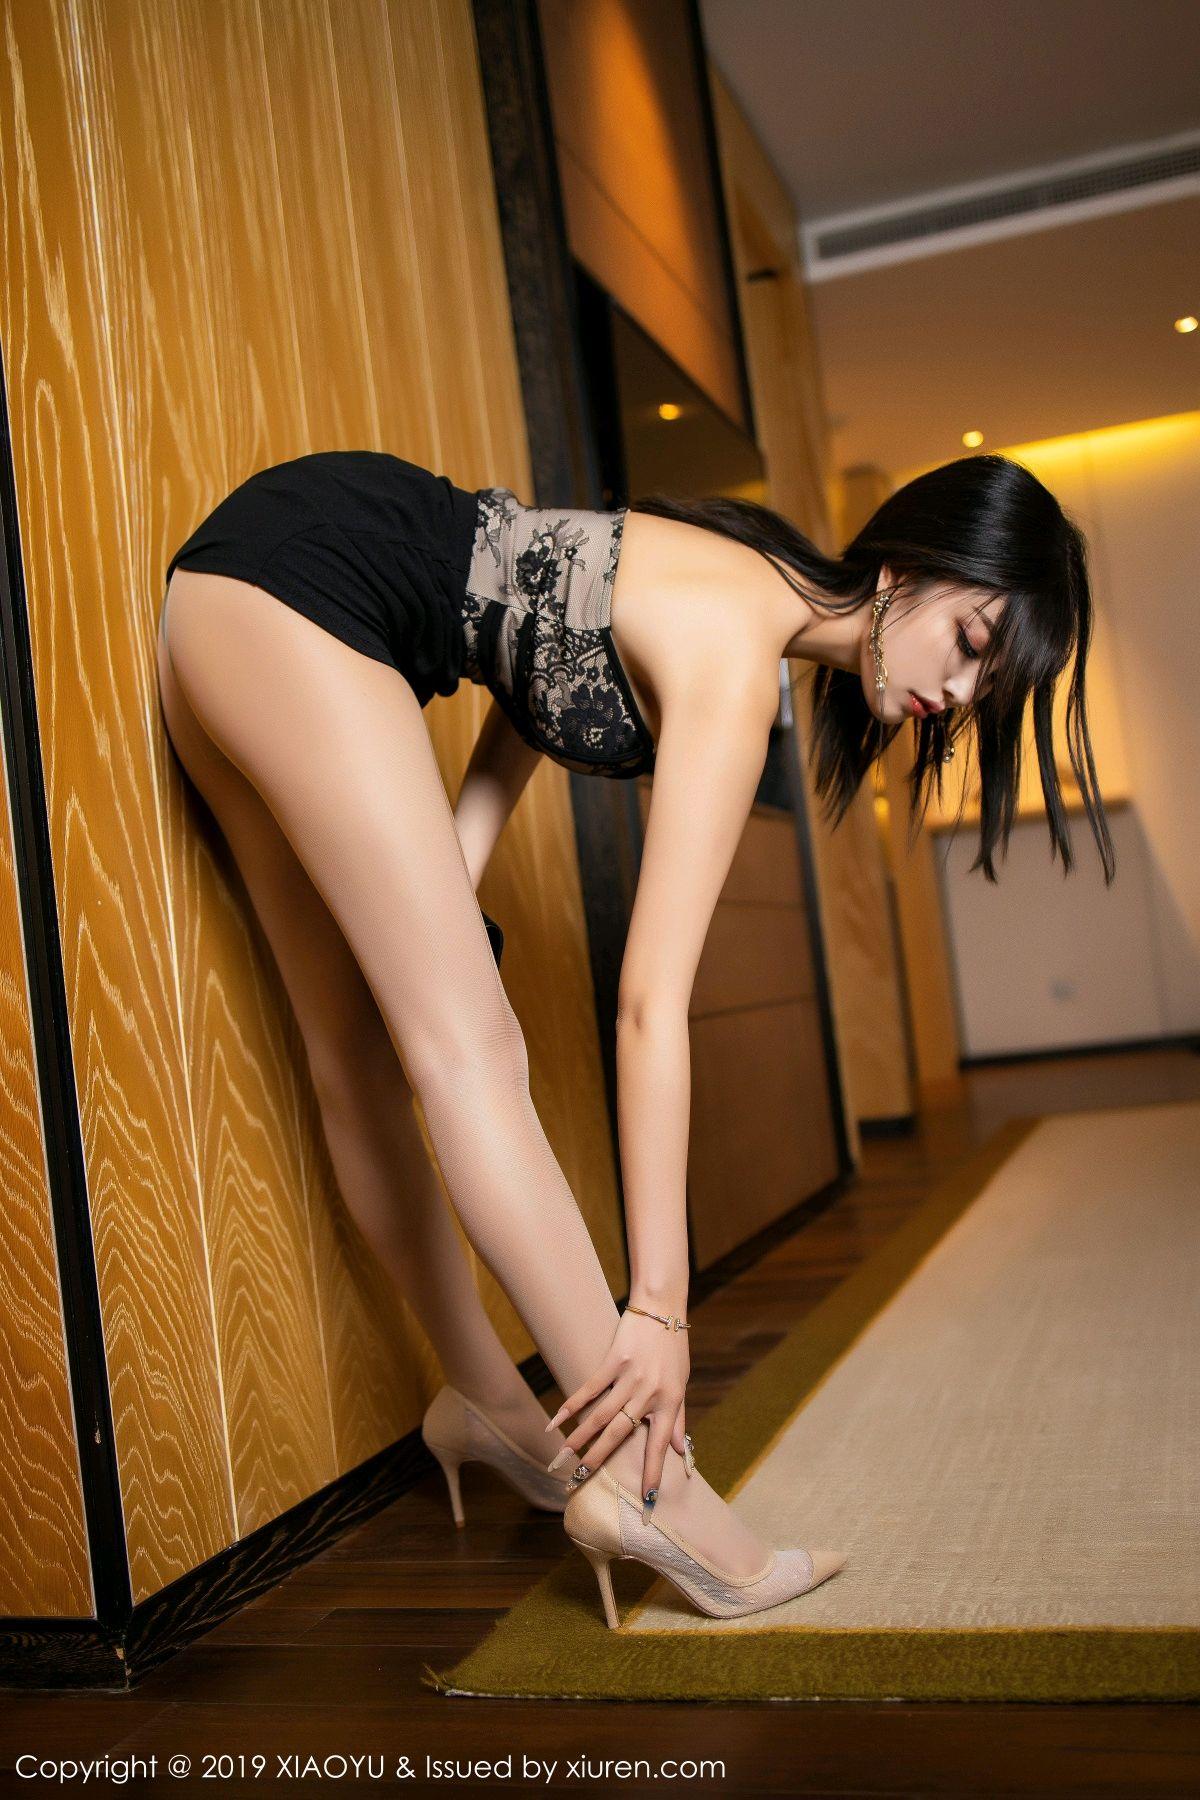 [XiaoYu] Vol.209 Yang Chen Chen 12P, Underwear, XiaoYu, Yang Chen Chen